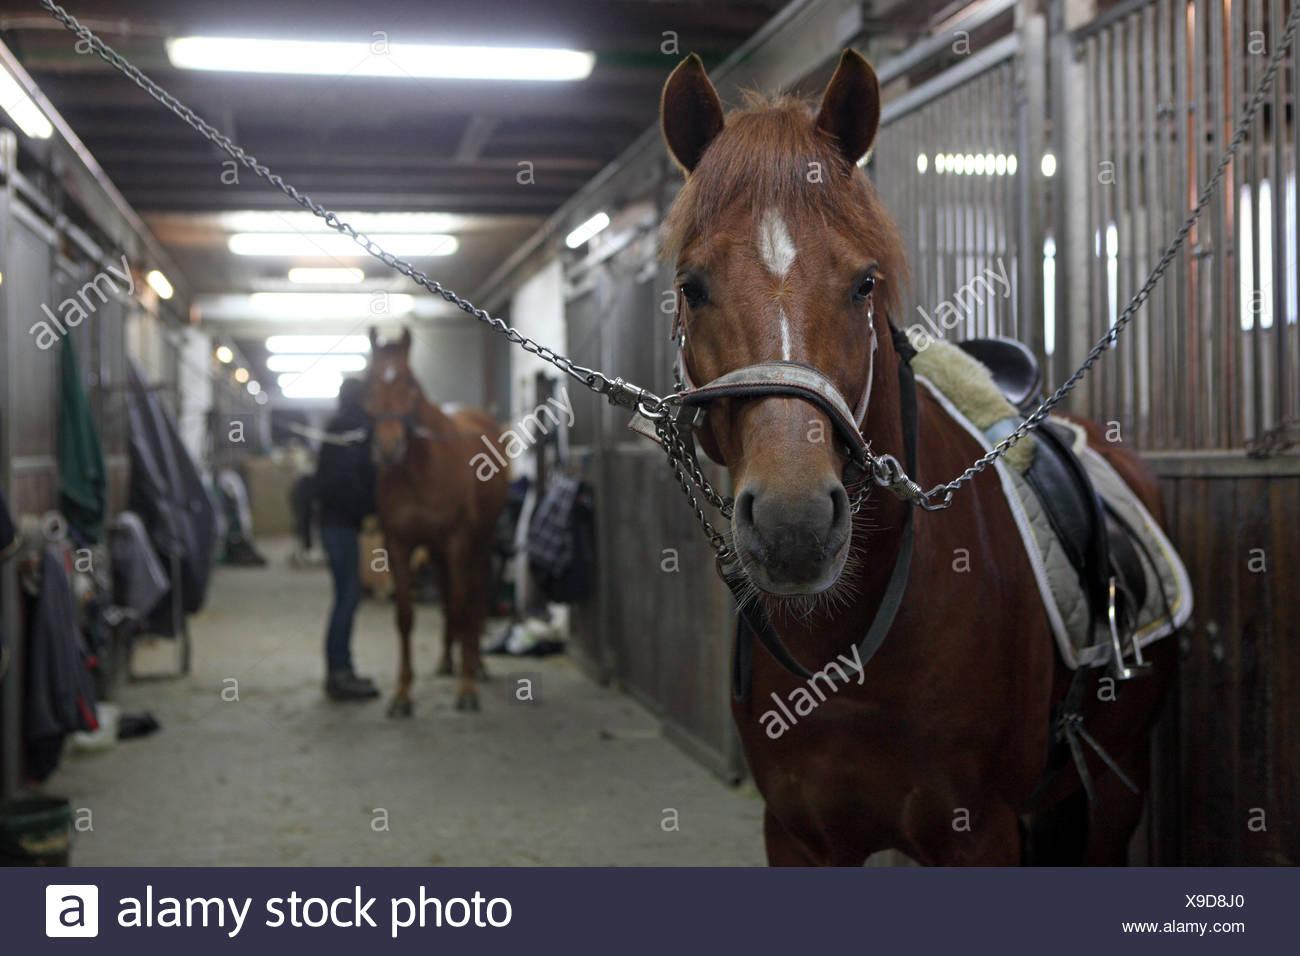 Berlin, Deutschland, Pferde in der Stallgasse angebunden sind ein Pferdestall Stockbild